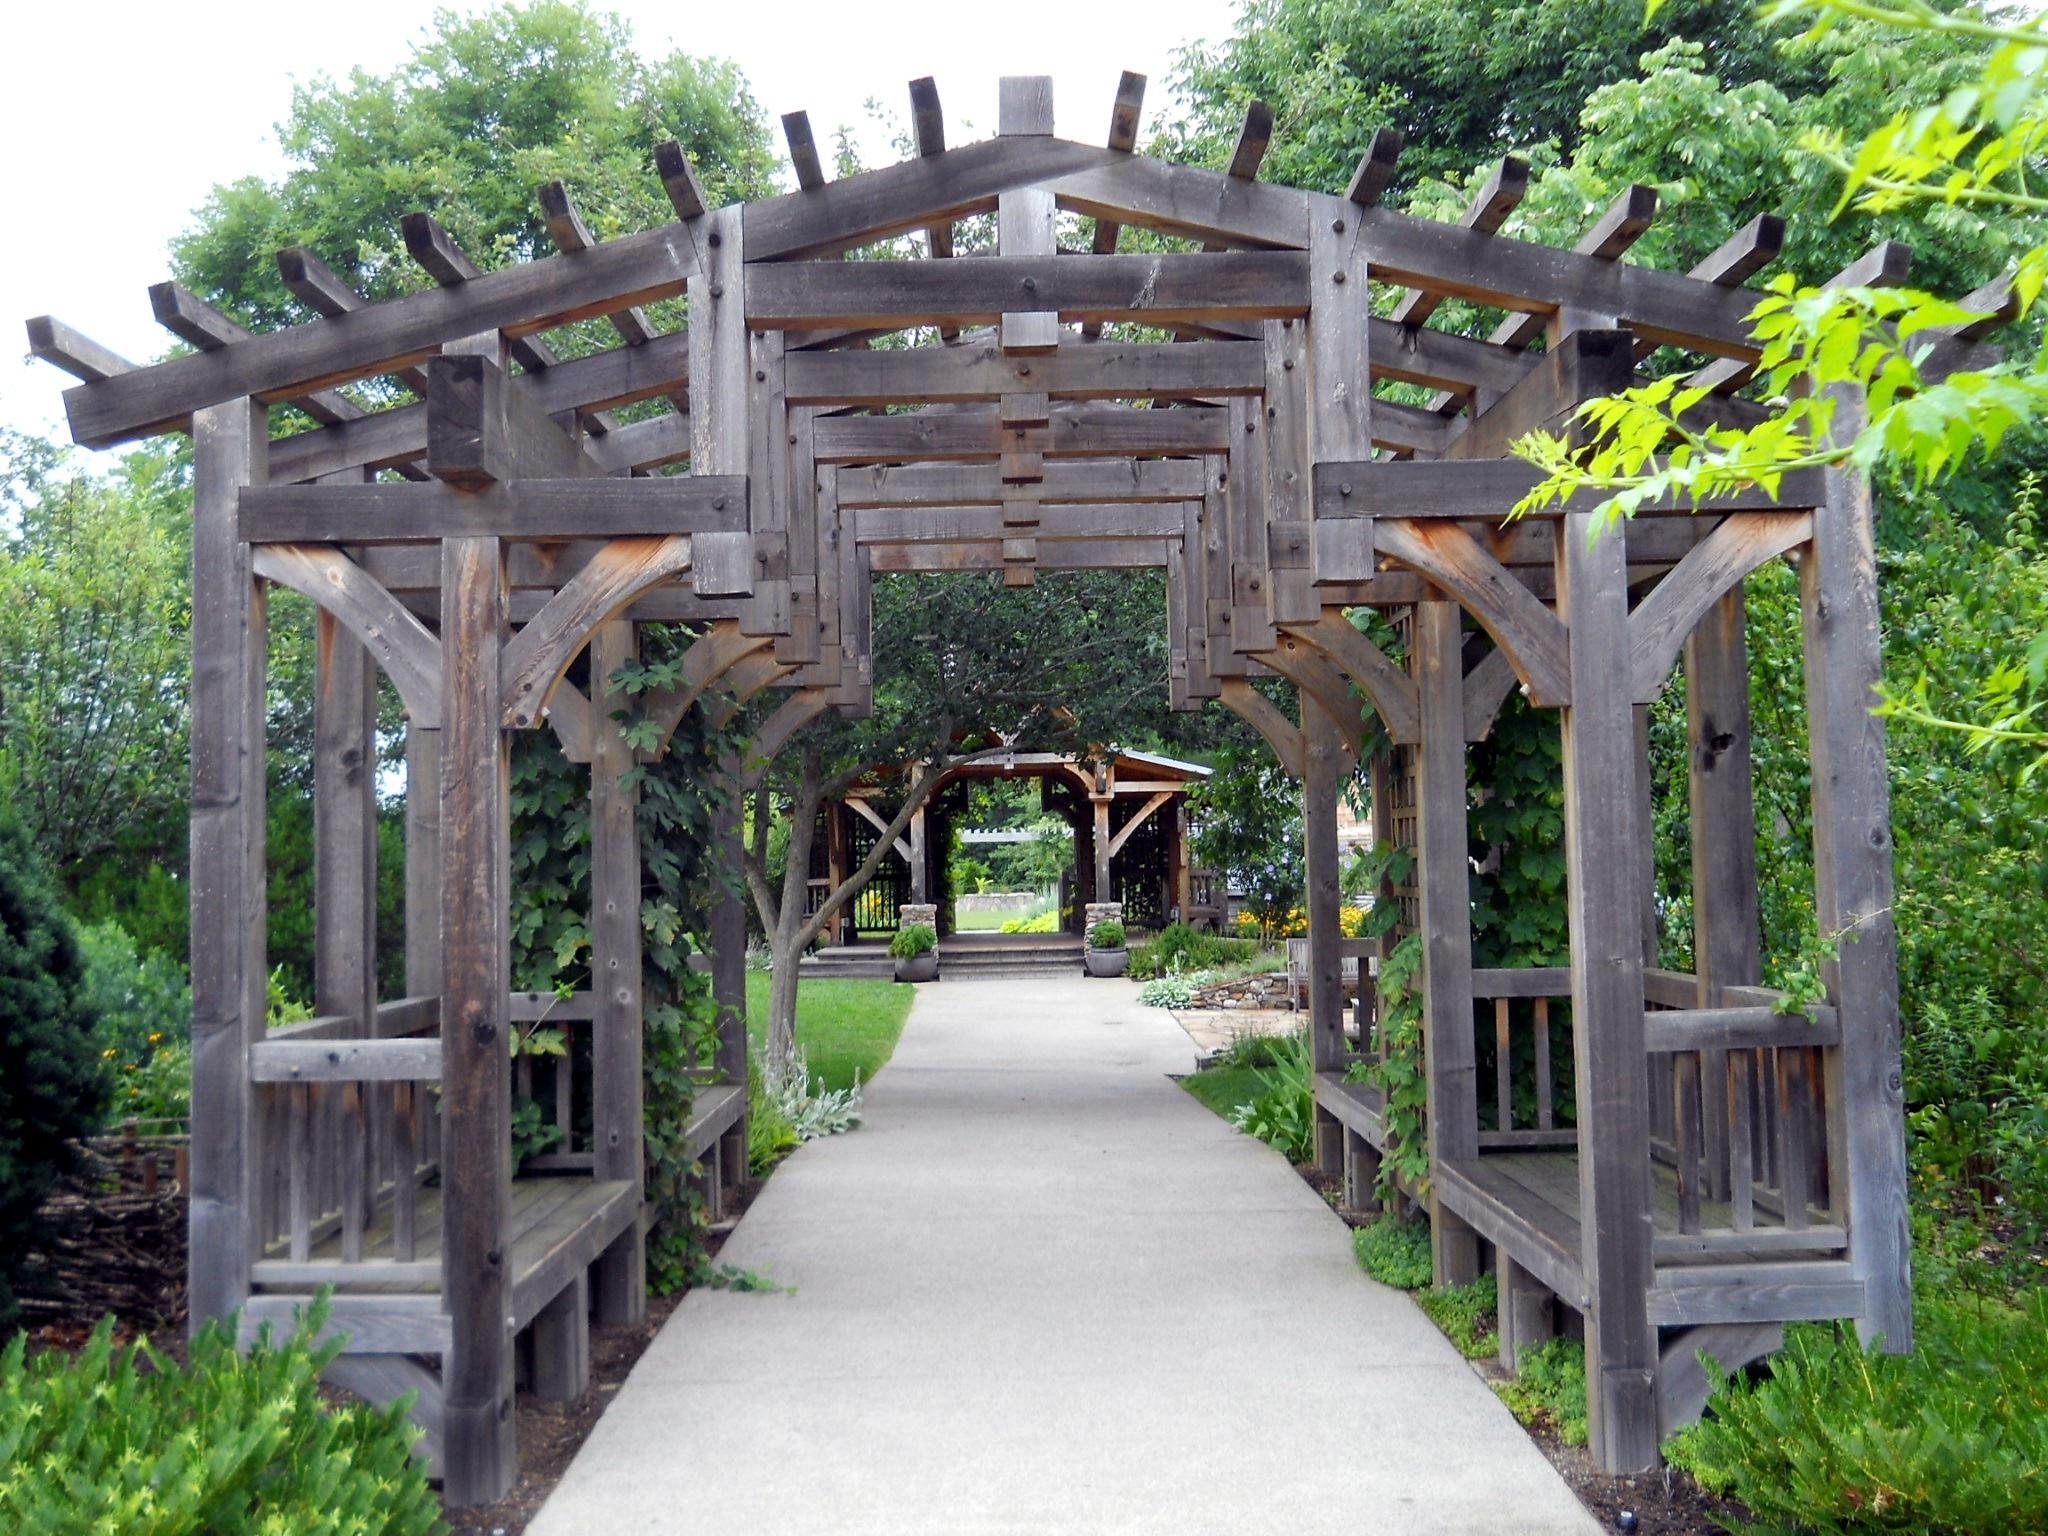 무료 이미지 : 장식, 뒤뜰, 전망대, 정원, 조경, 디자인, 활기 없는 ...